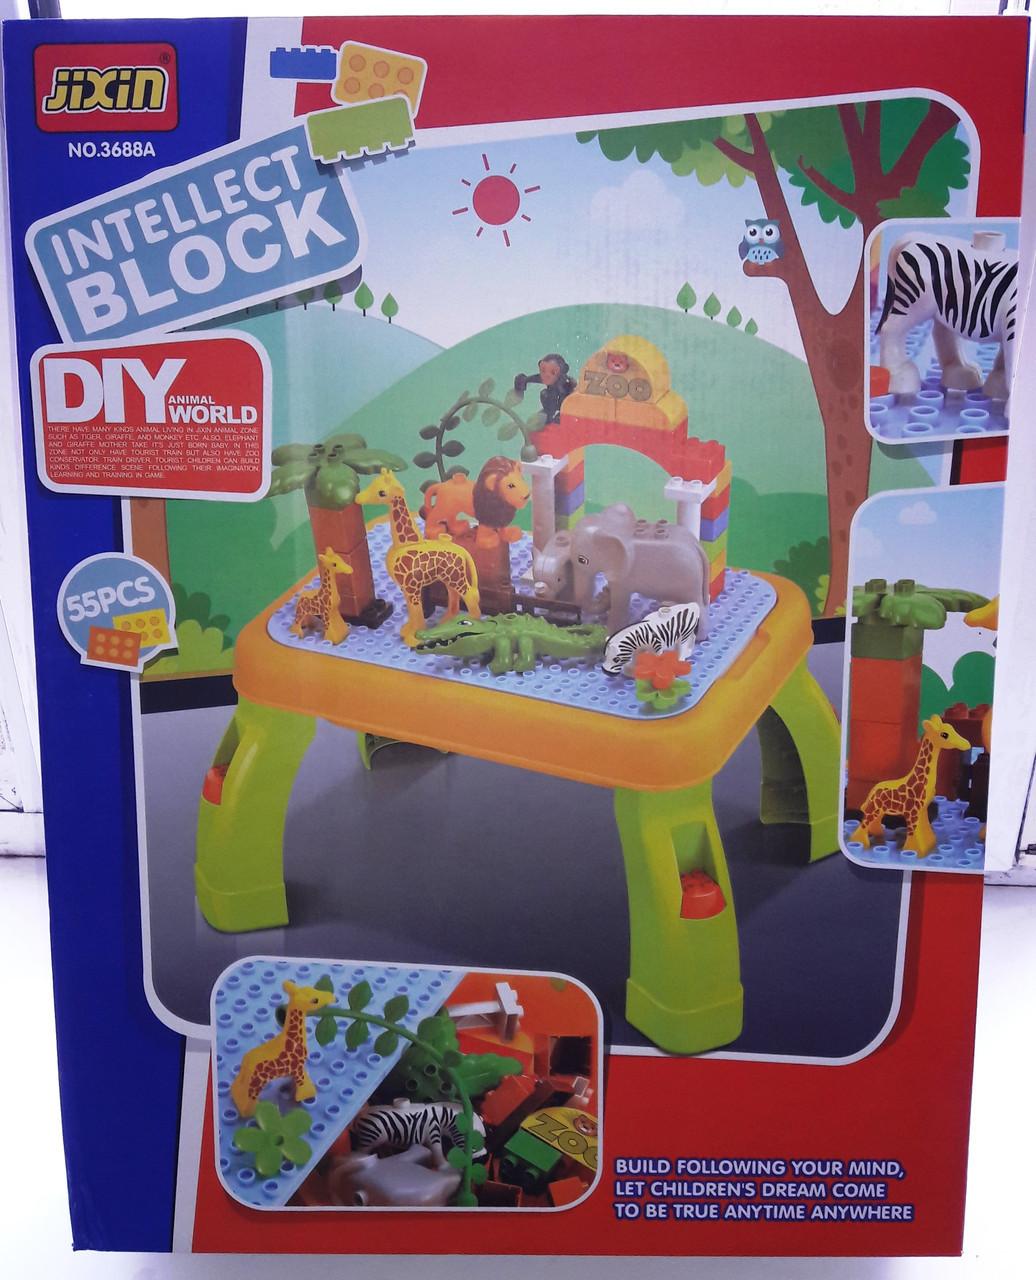 Конструктор для малышей Зоопарк jixin 3688 А со столиком, на 55 деталей